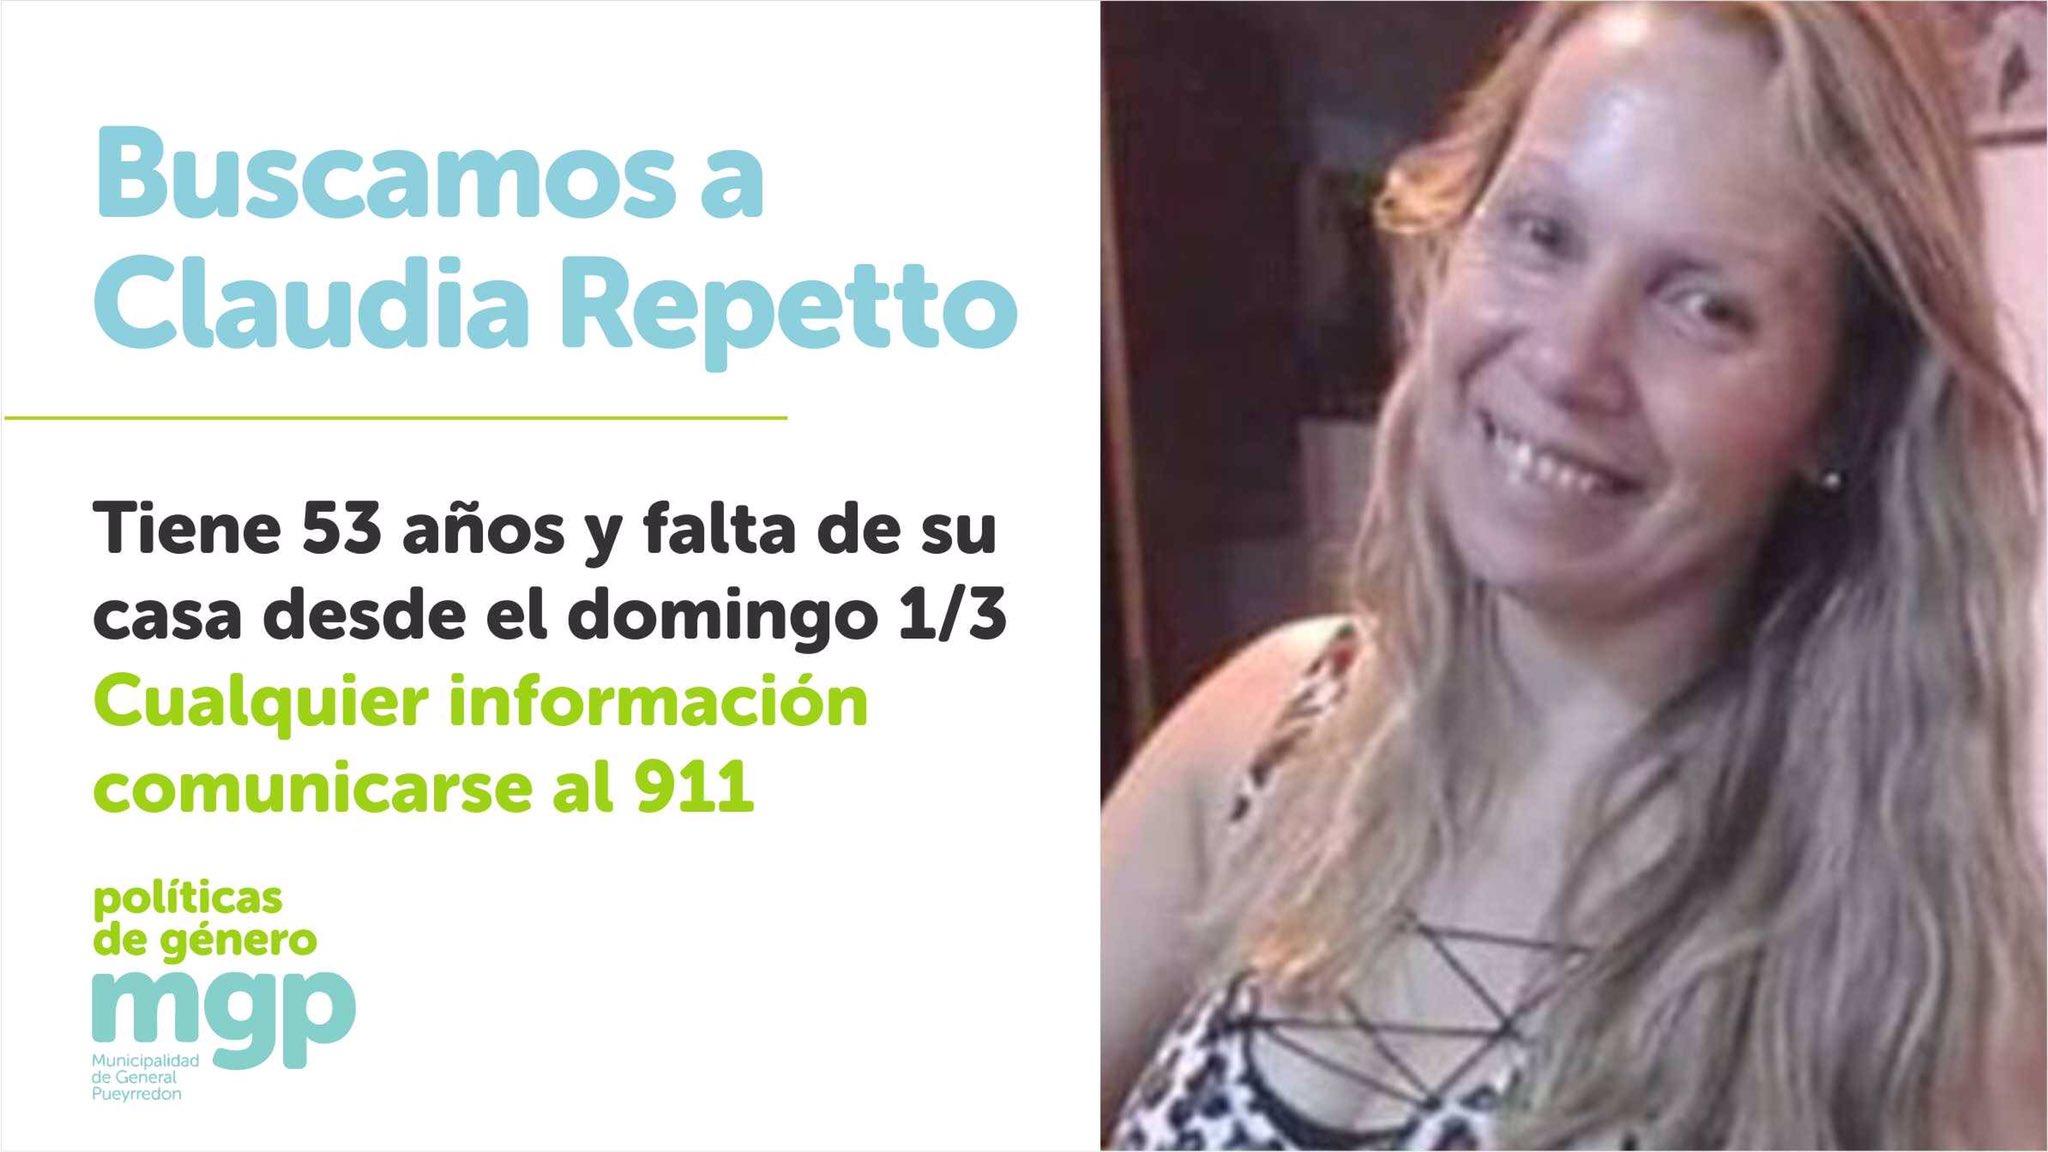 Piden al Intendente una recompensa para quien aporte datos a la justicia sobre el caso de Claudia Repetto